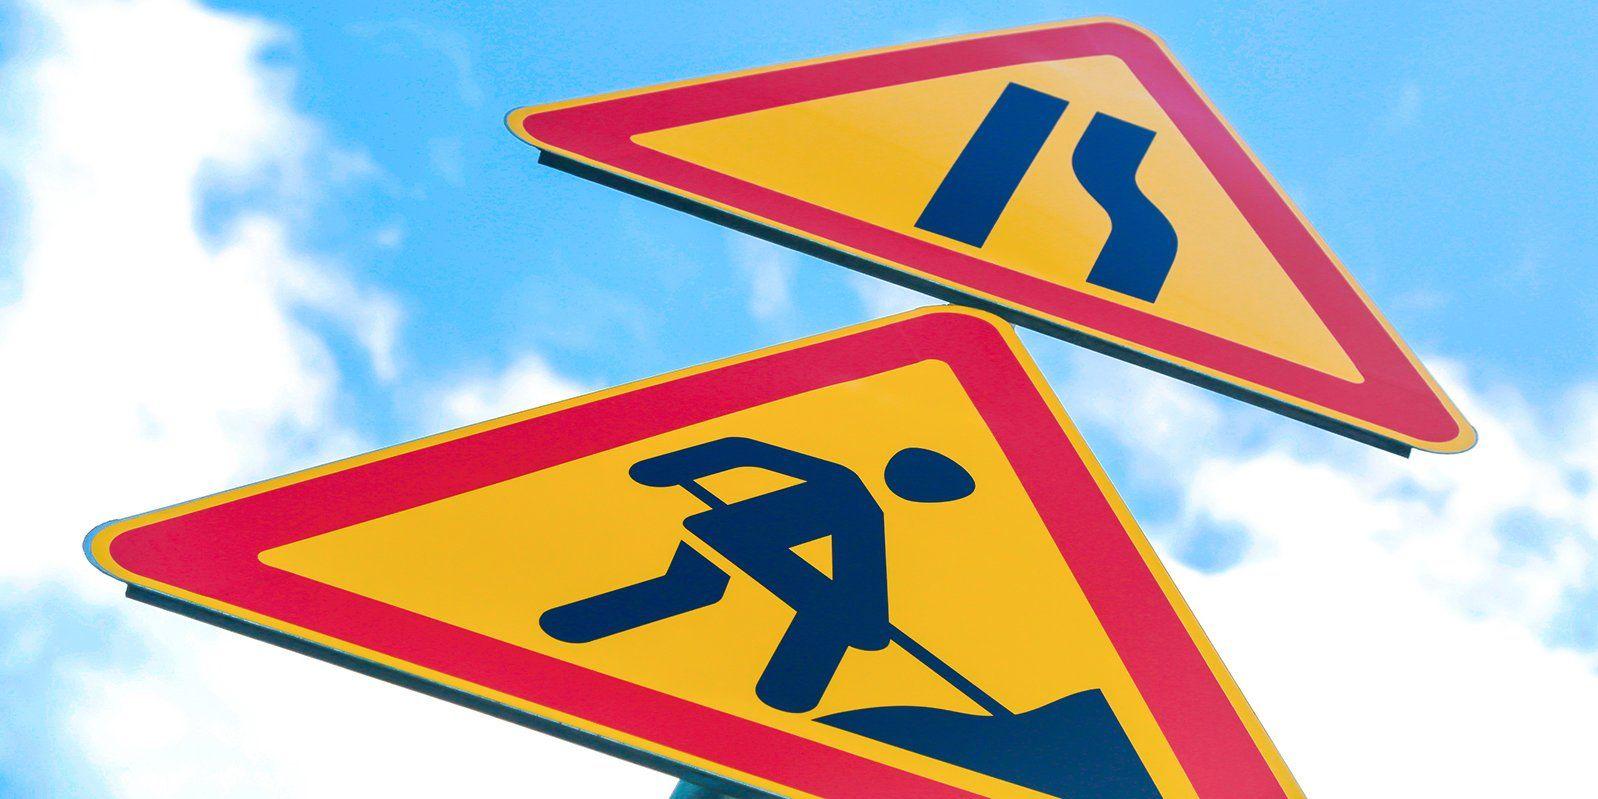 Асфальтобетонное покрытие обновят на участке Рязановского шоссе